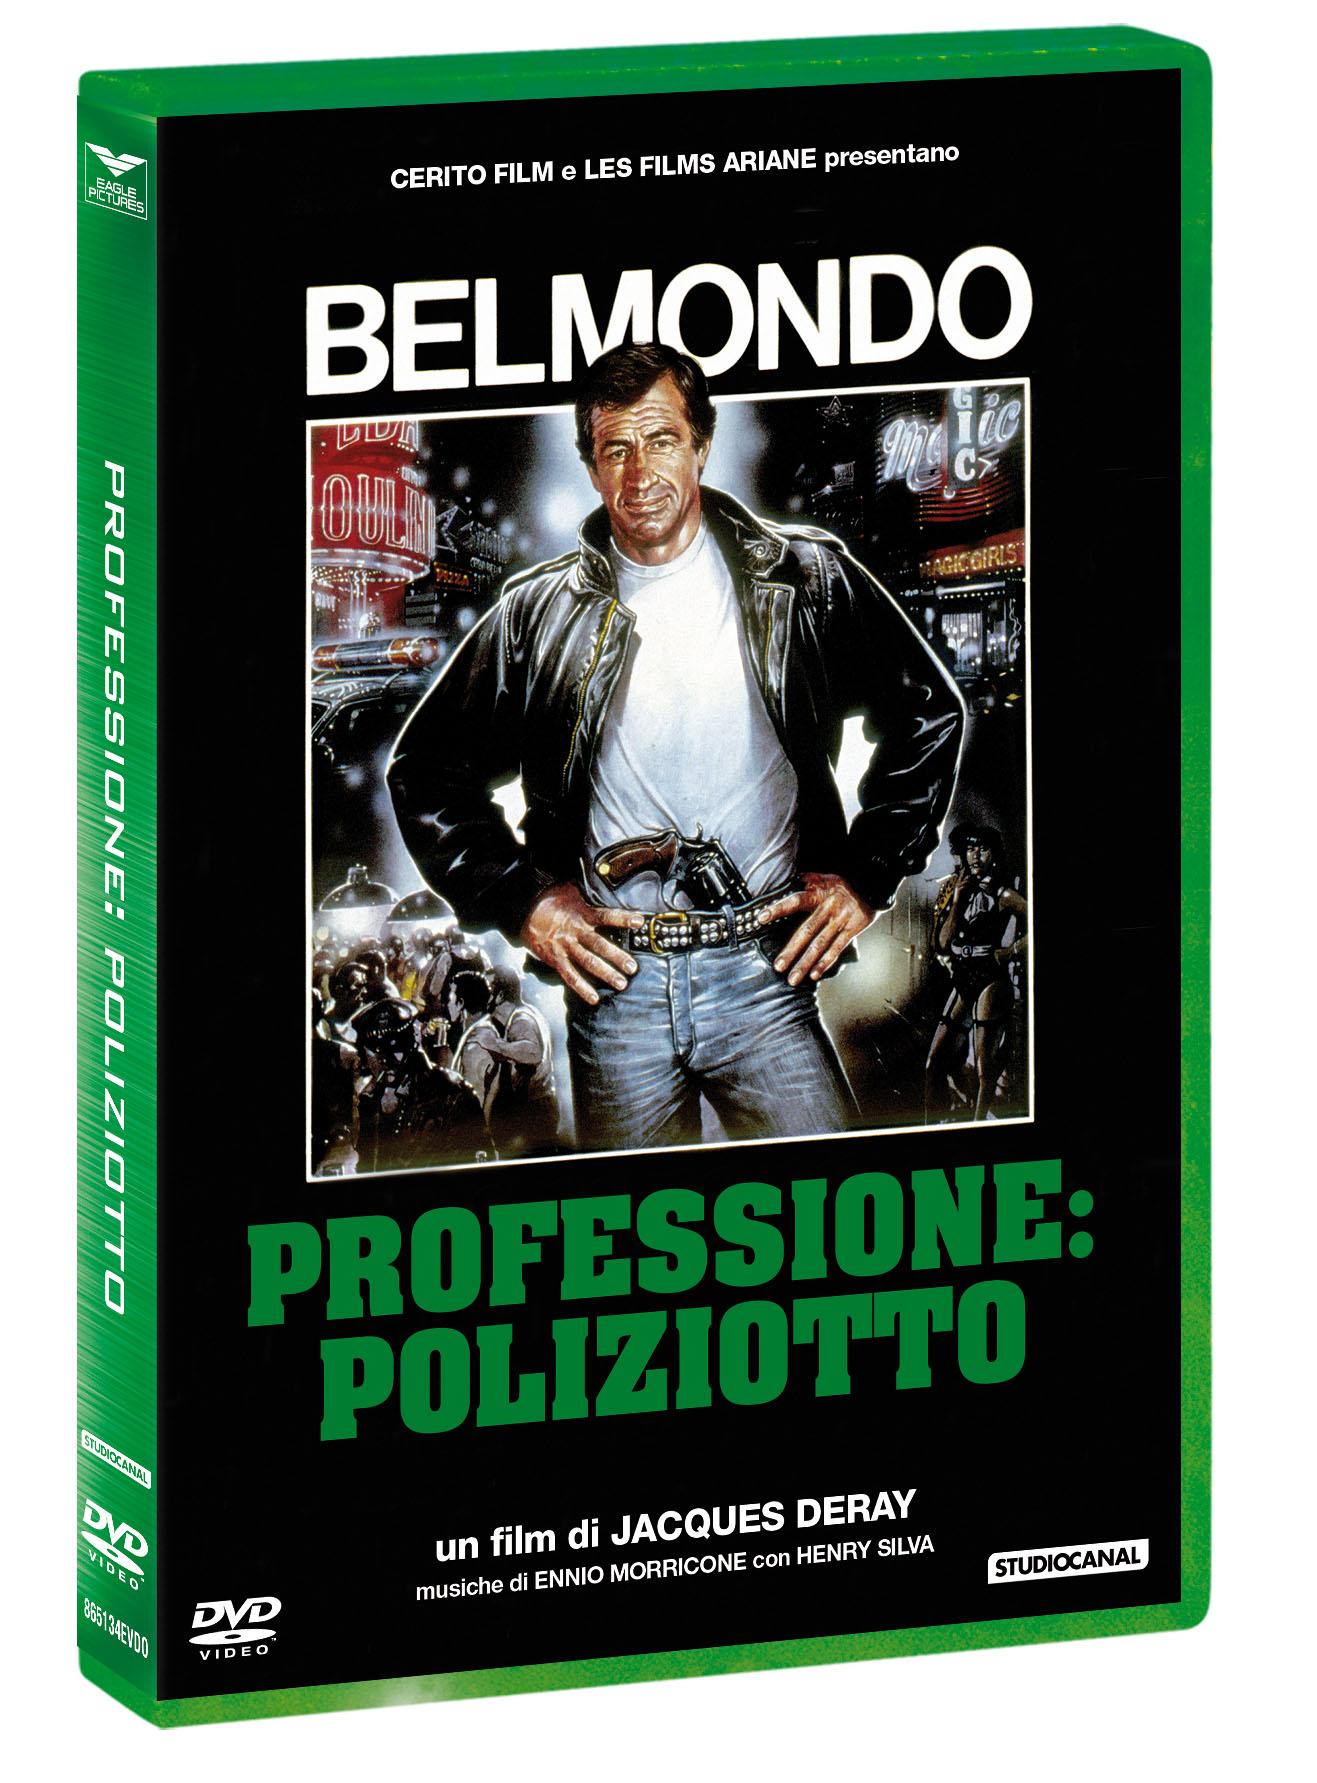 PROFESSIONE POLIZIOTTO (DVD)